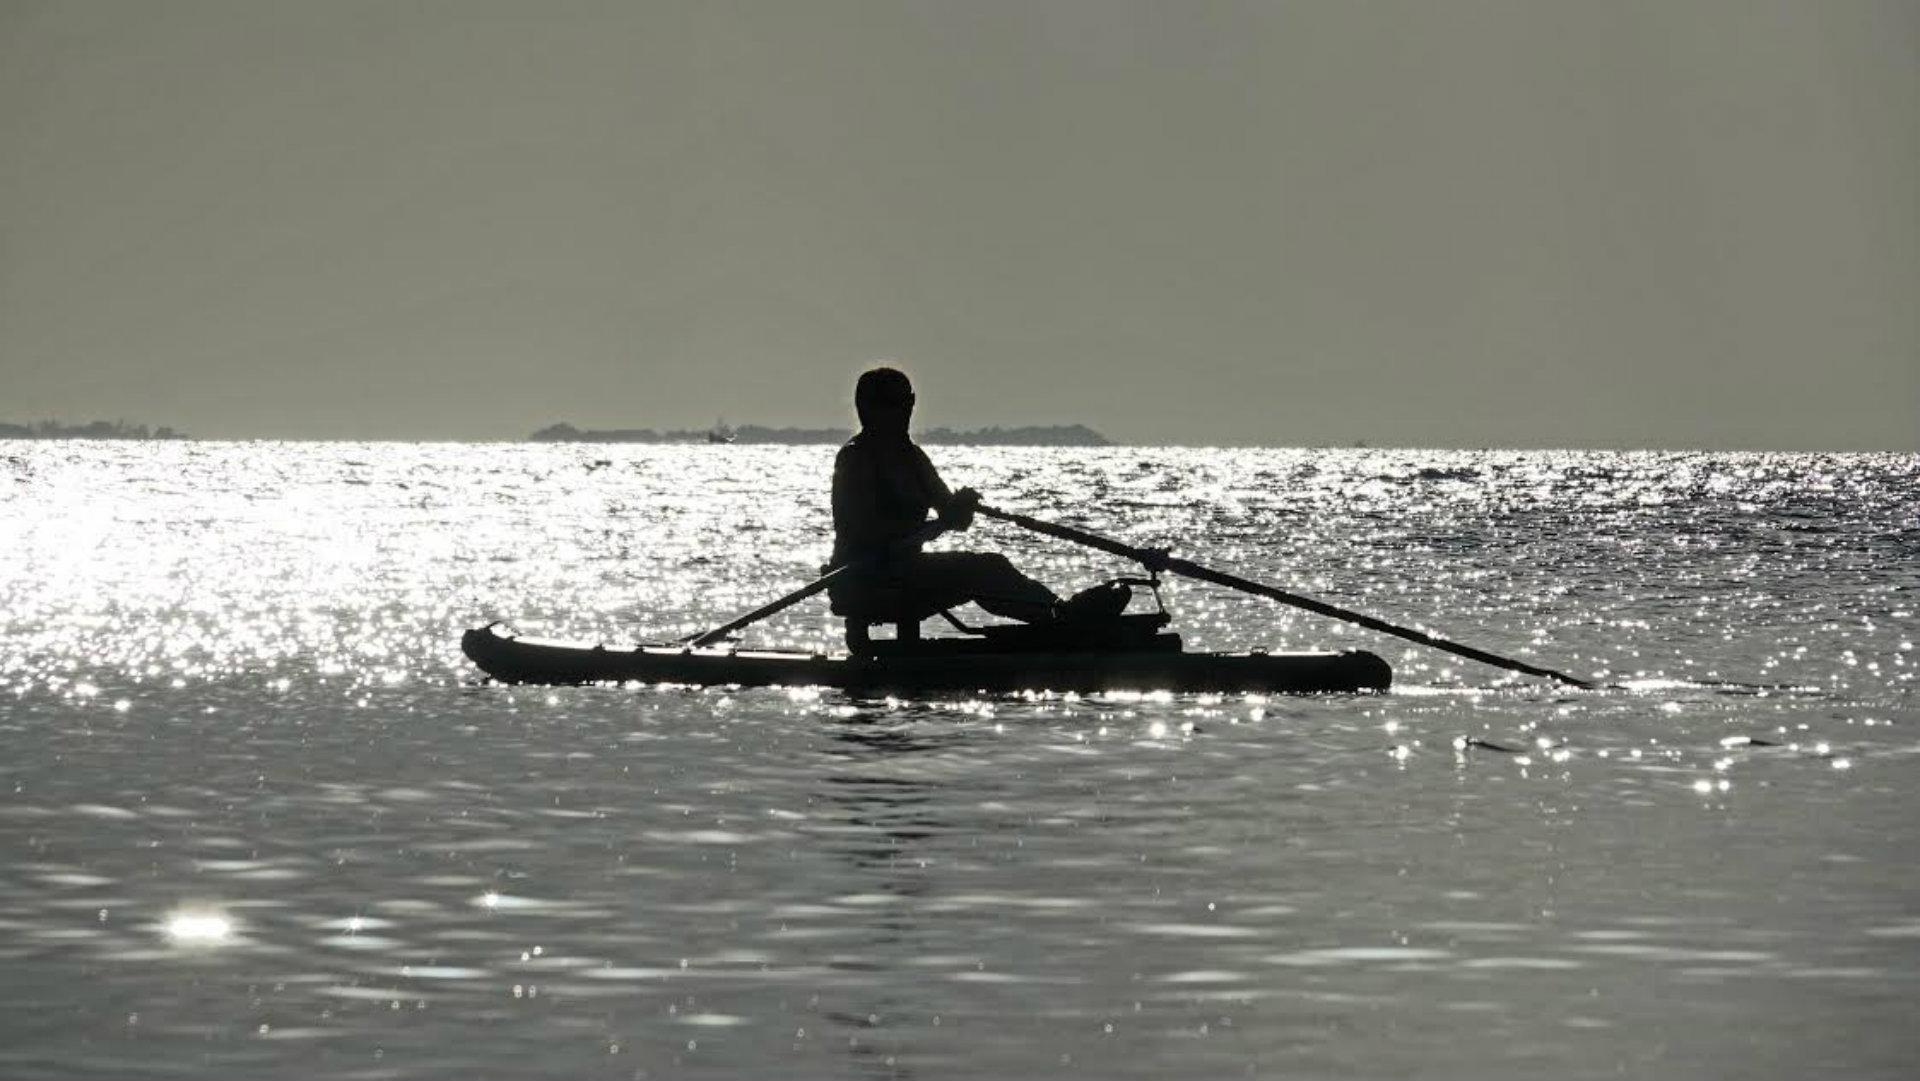 Rowing-Oar-Board-Belieze-Ocean-Row-Outdoor-Workout